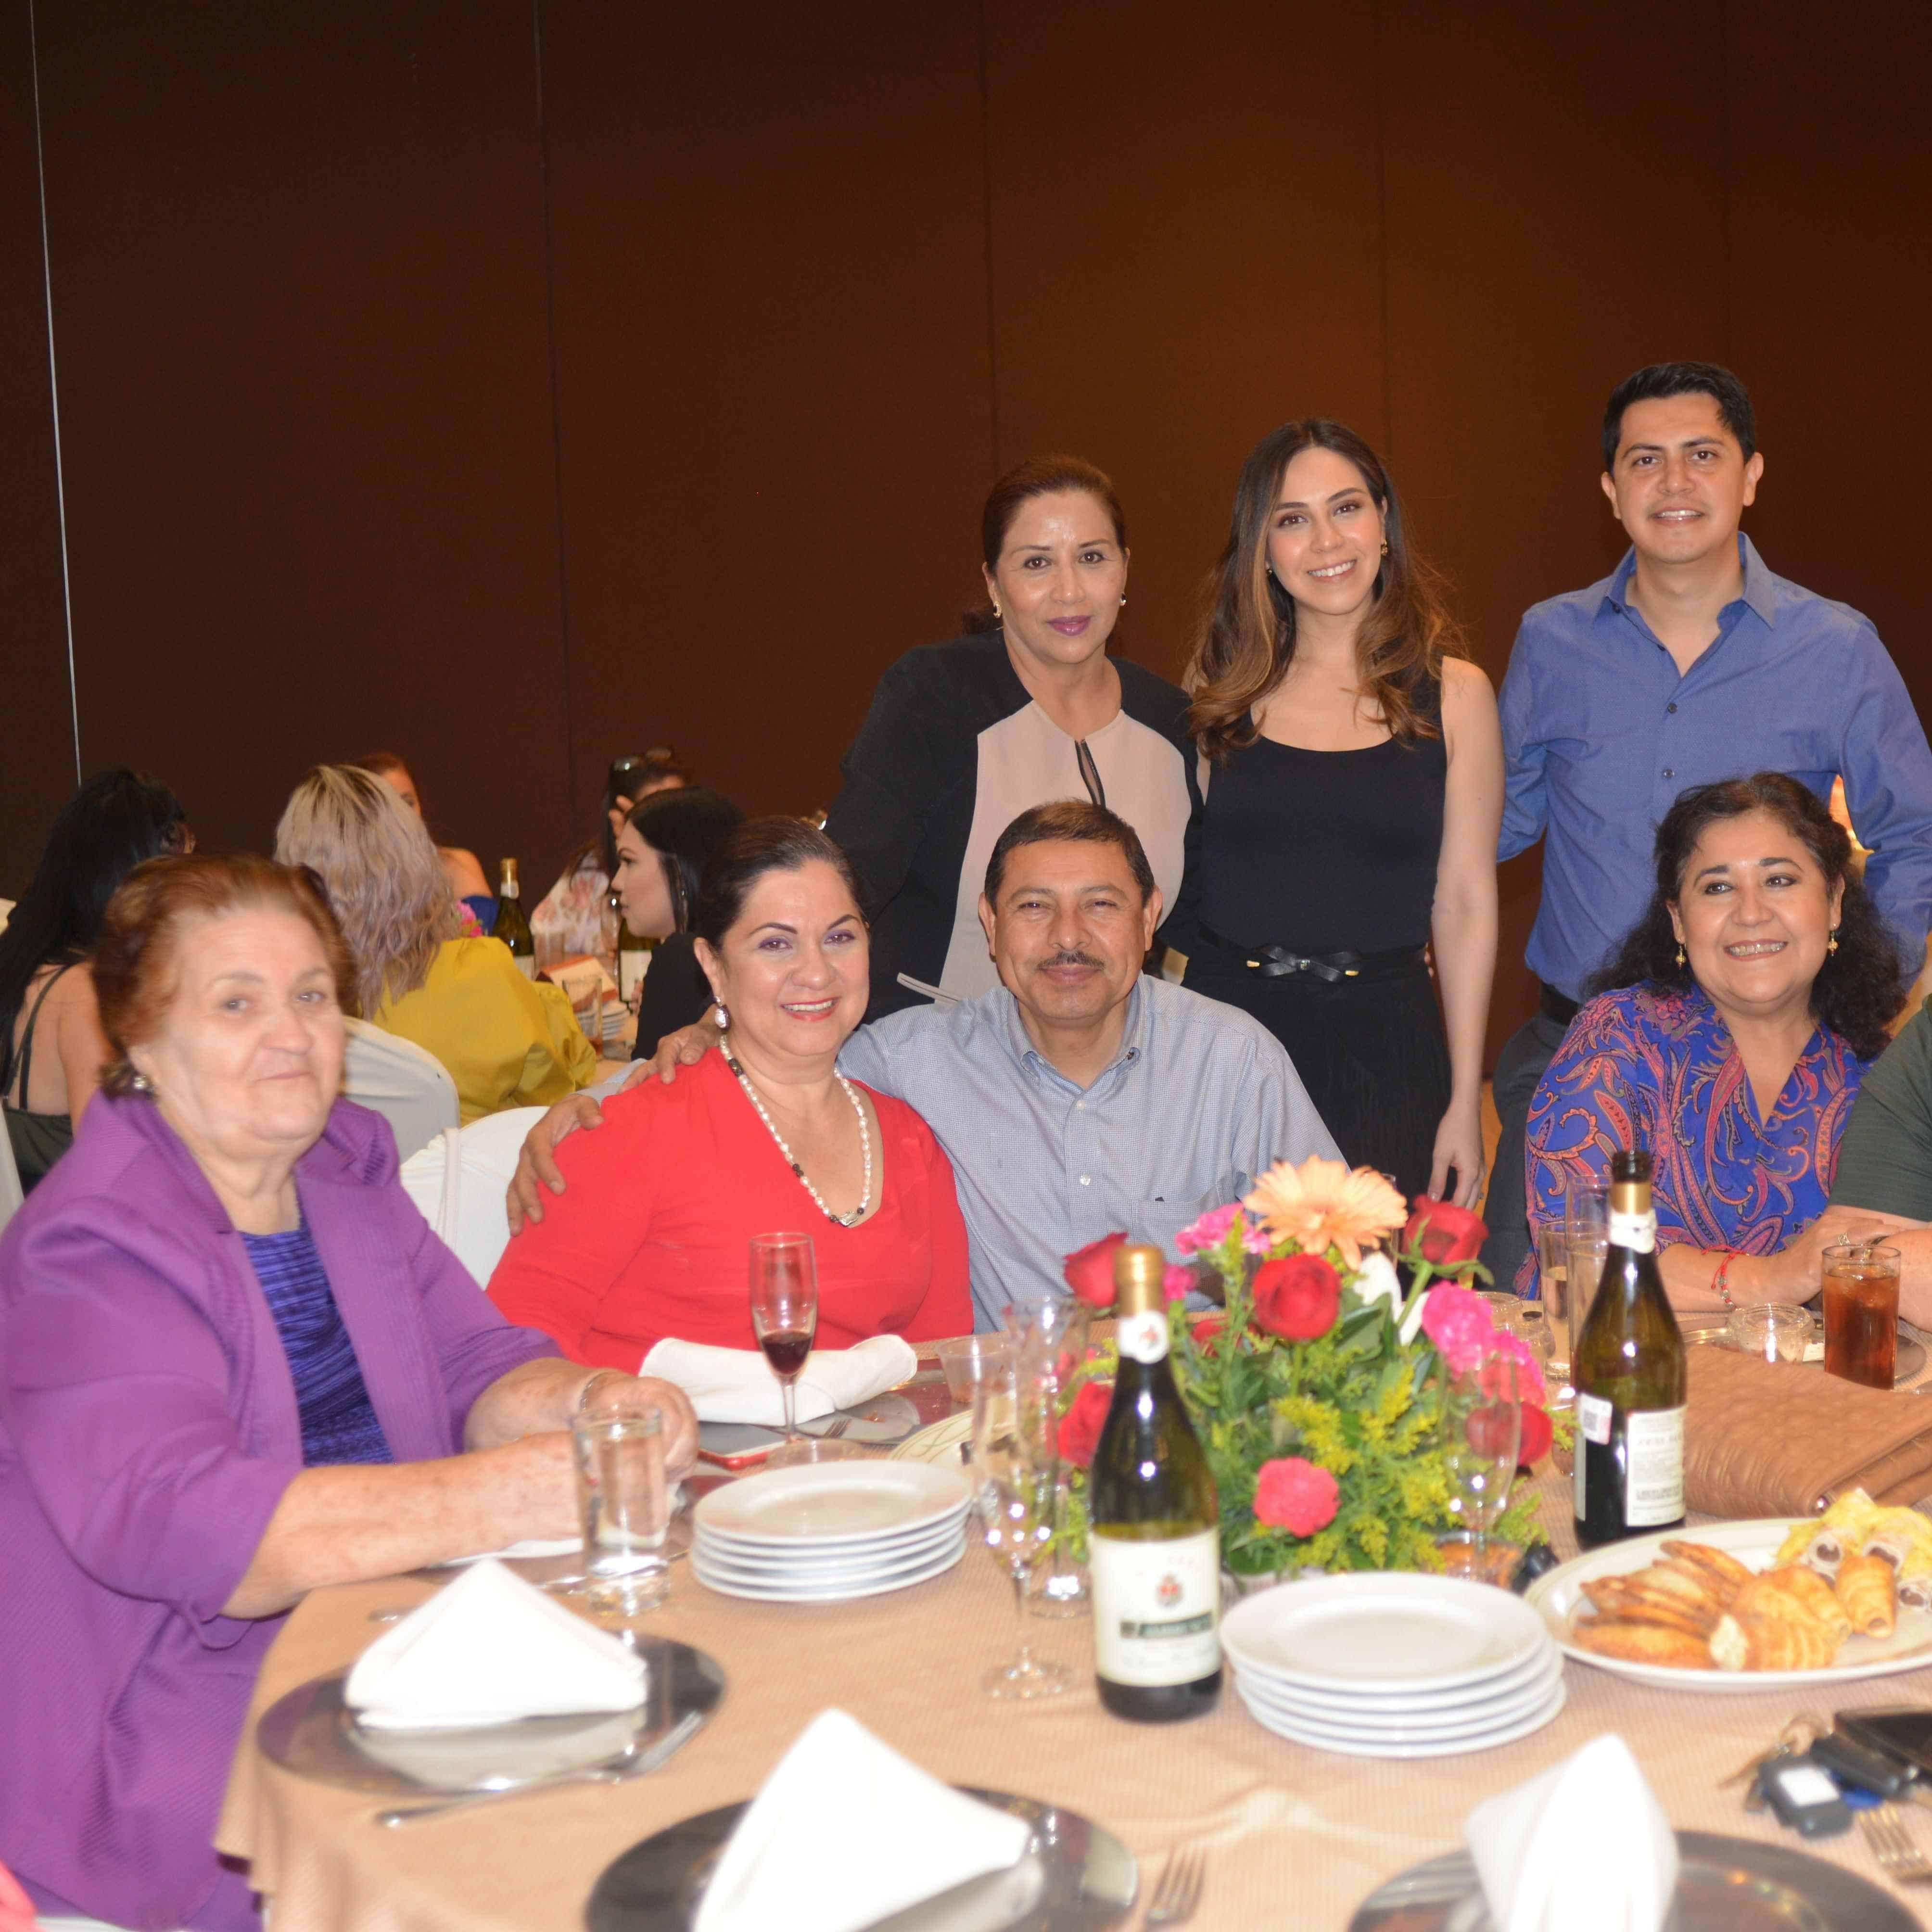 FAMILIA ROTARIA. Angélica, José Jesús, Erika, Maty, Martha, José Jesús, Norita.